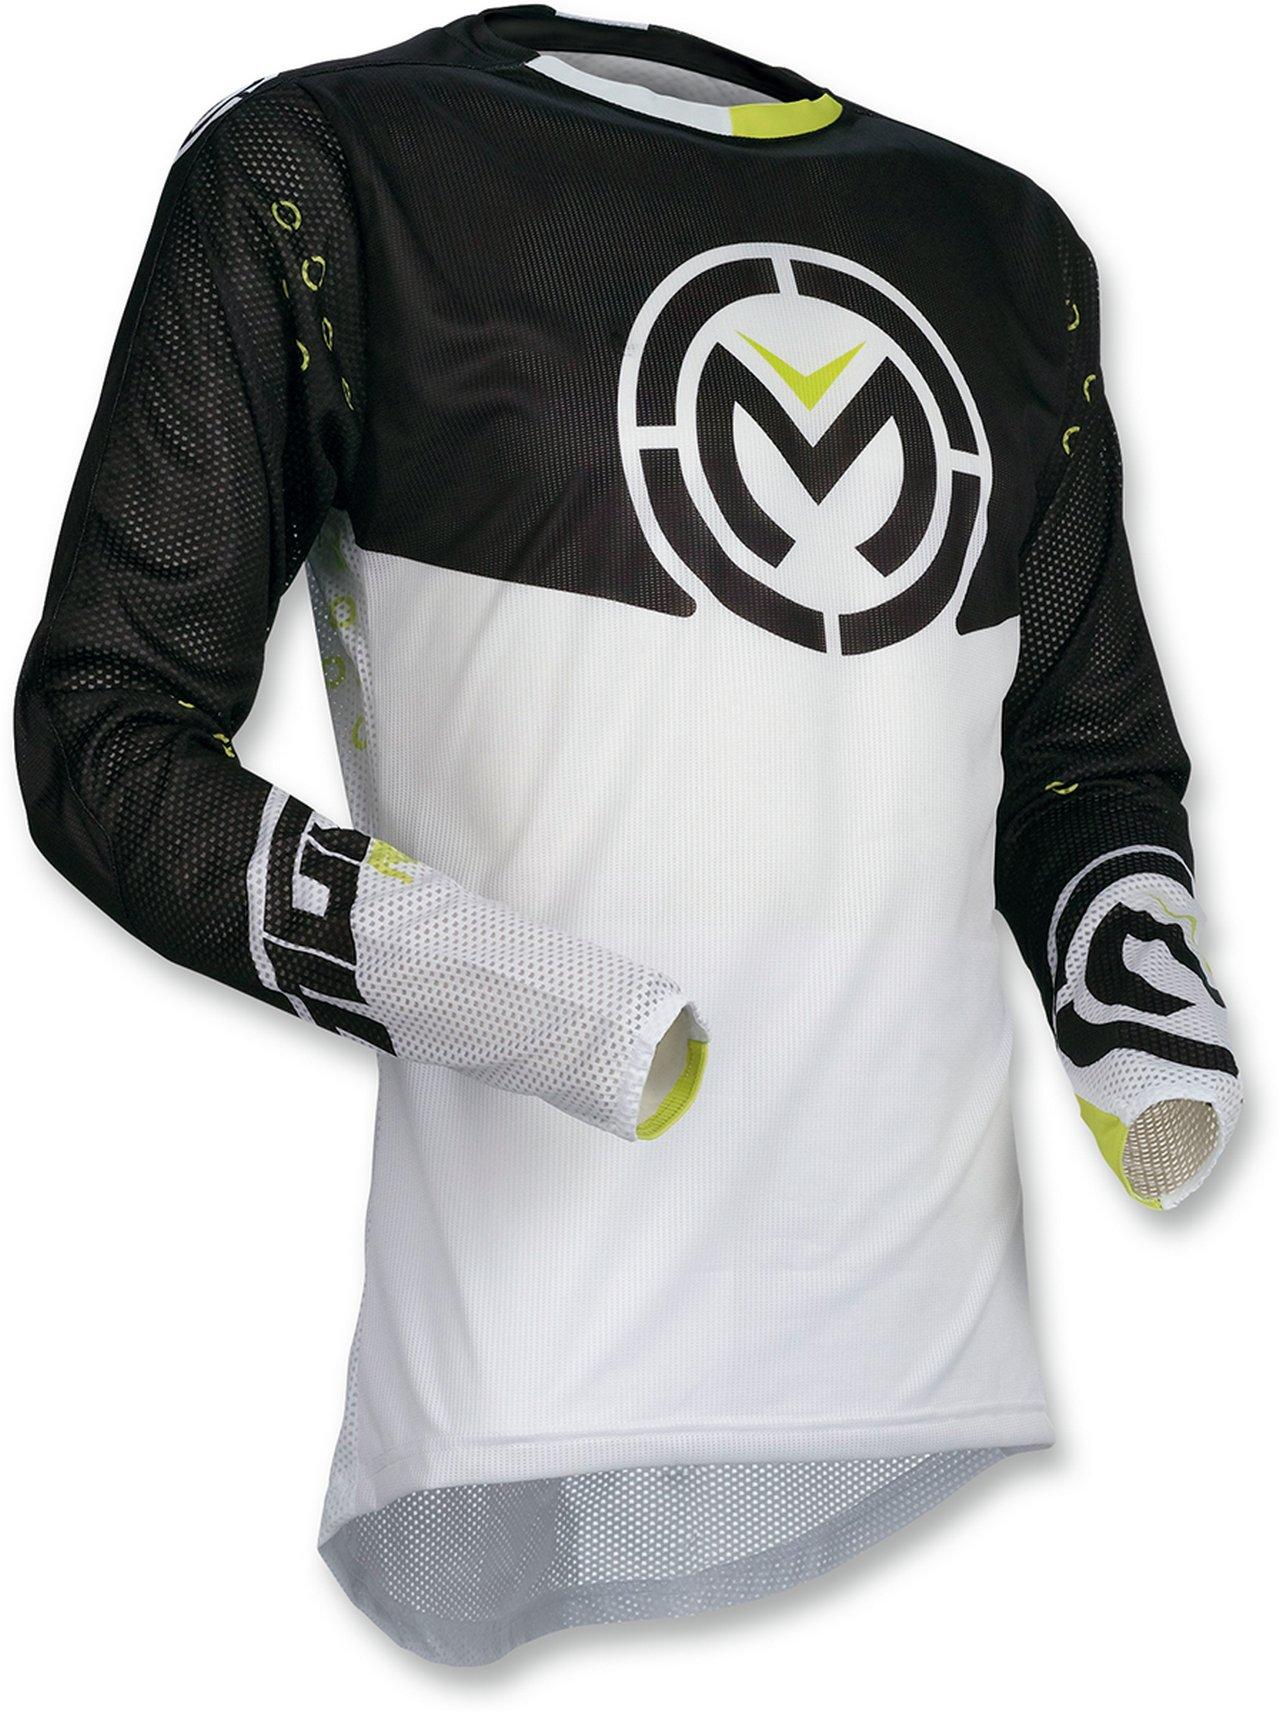 【MOOSE RACING】Sahara 越野車衣 [2910-4543] - 「Webike-摩托百貨」